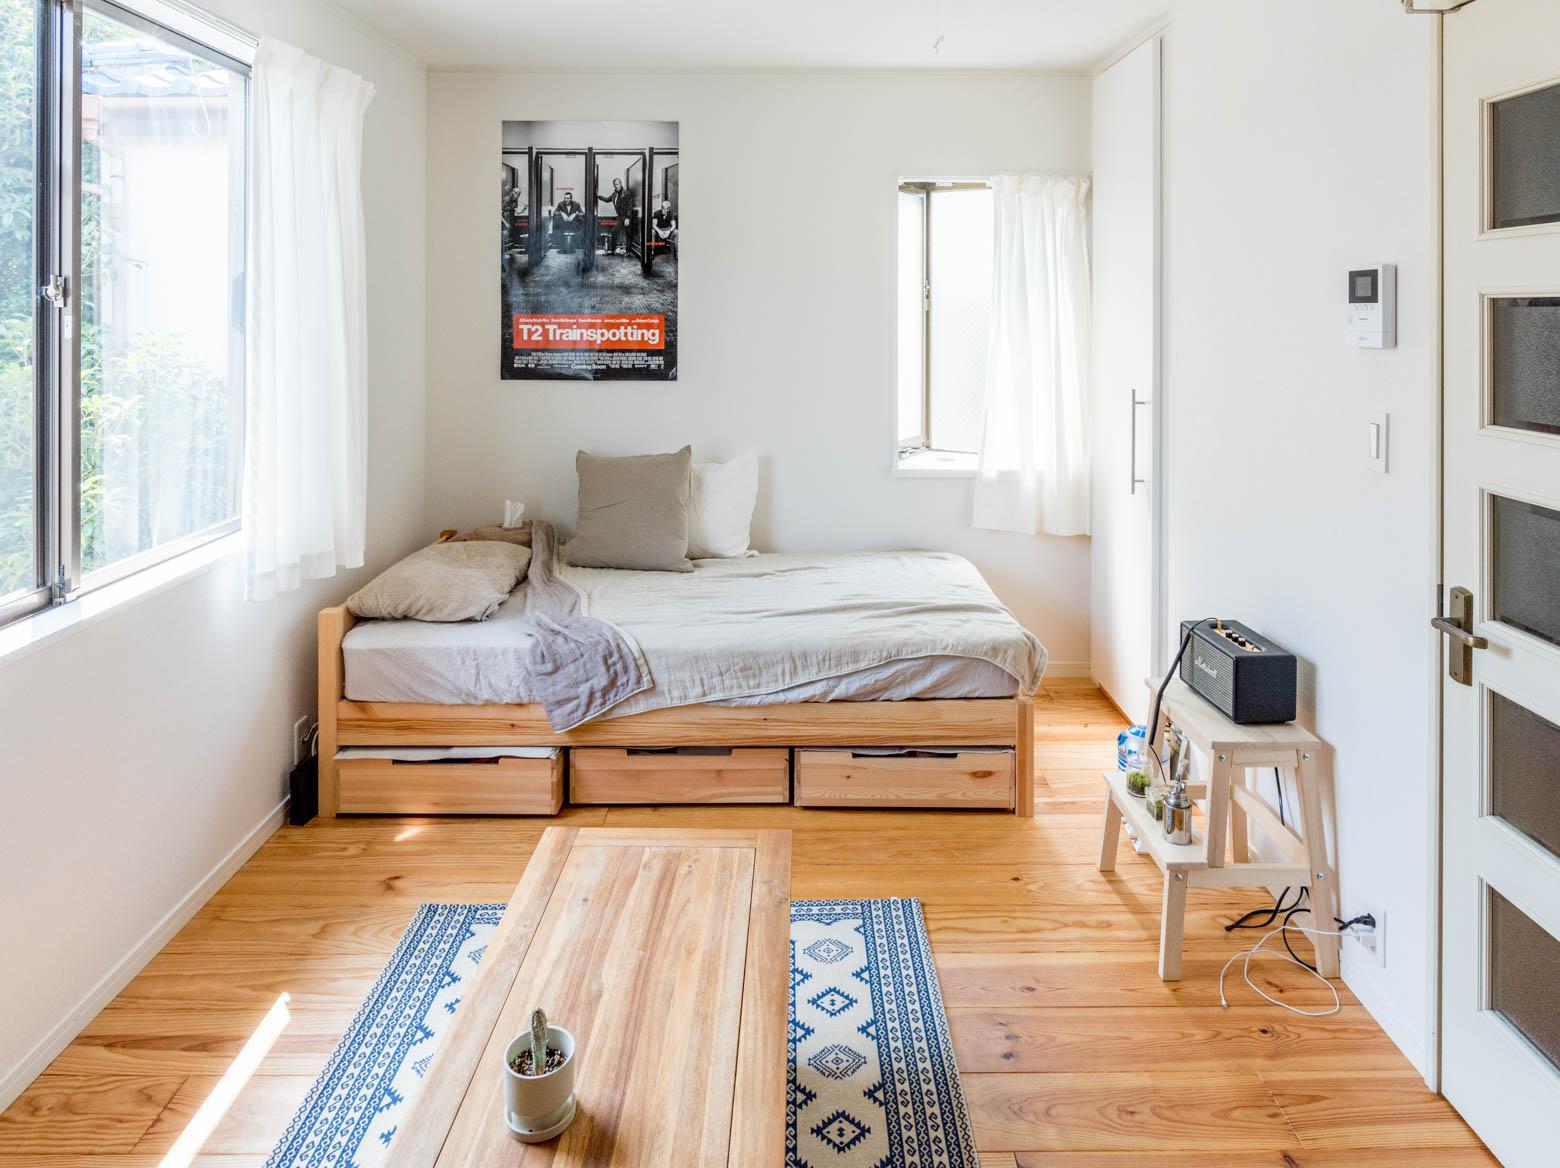 意外と広大なスペースが眠っているのはベッド下。洋服だけでなく本の収納などにも意外と向いています。こちらは無印良品のパイン材ベッド。ベッド下収納もオプションで同じ素材のものが売られているので、スッキリとした見た目です。